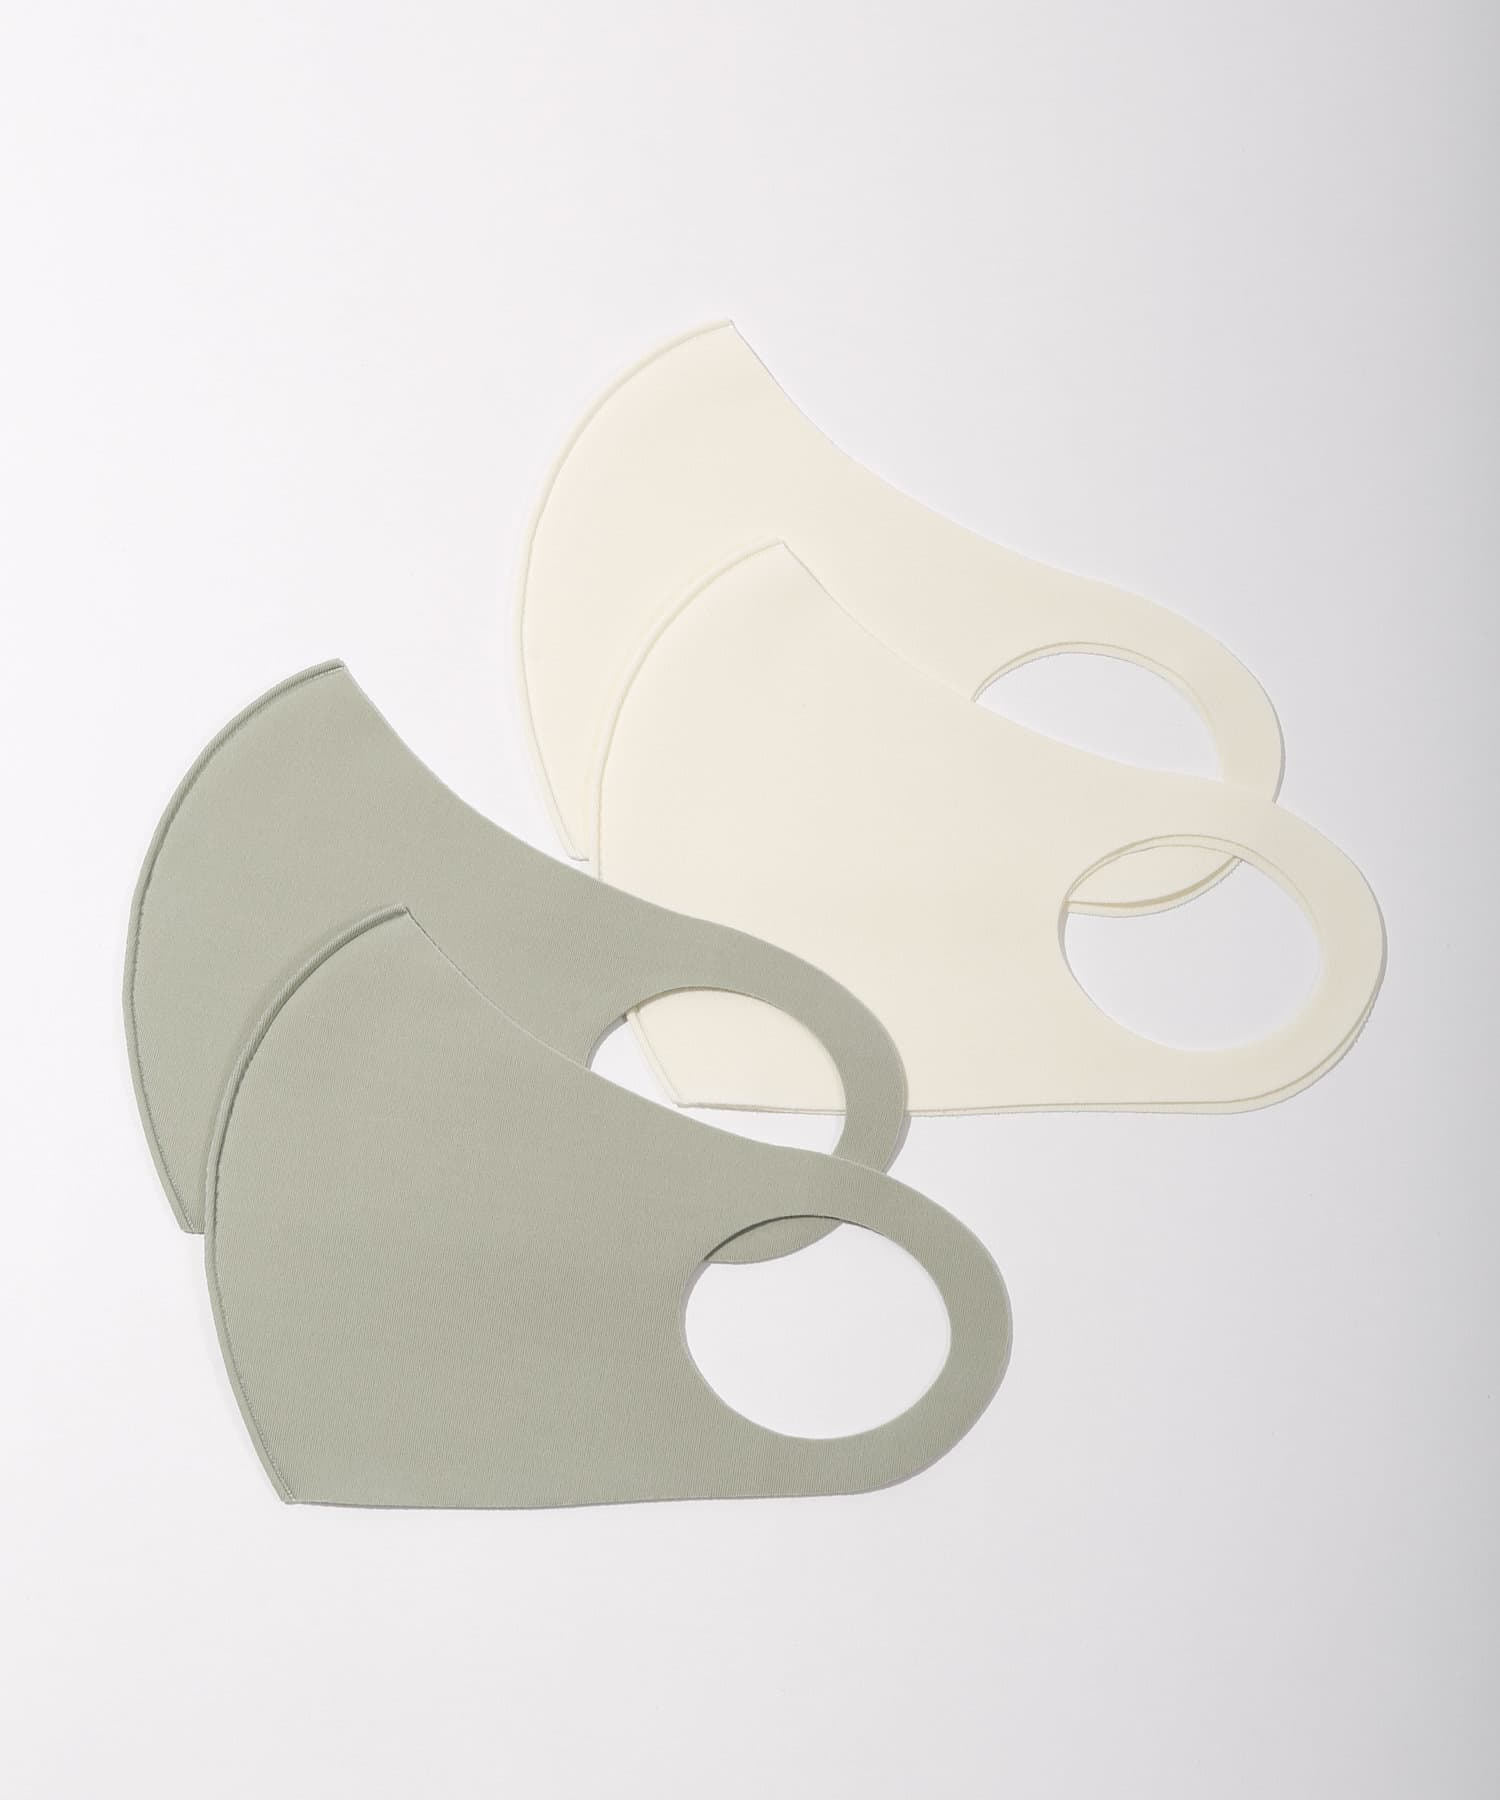 3COINS(スリーコインズ) ライフスタイル 冷感洗えるマスク4枚入【大人用】 その他1